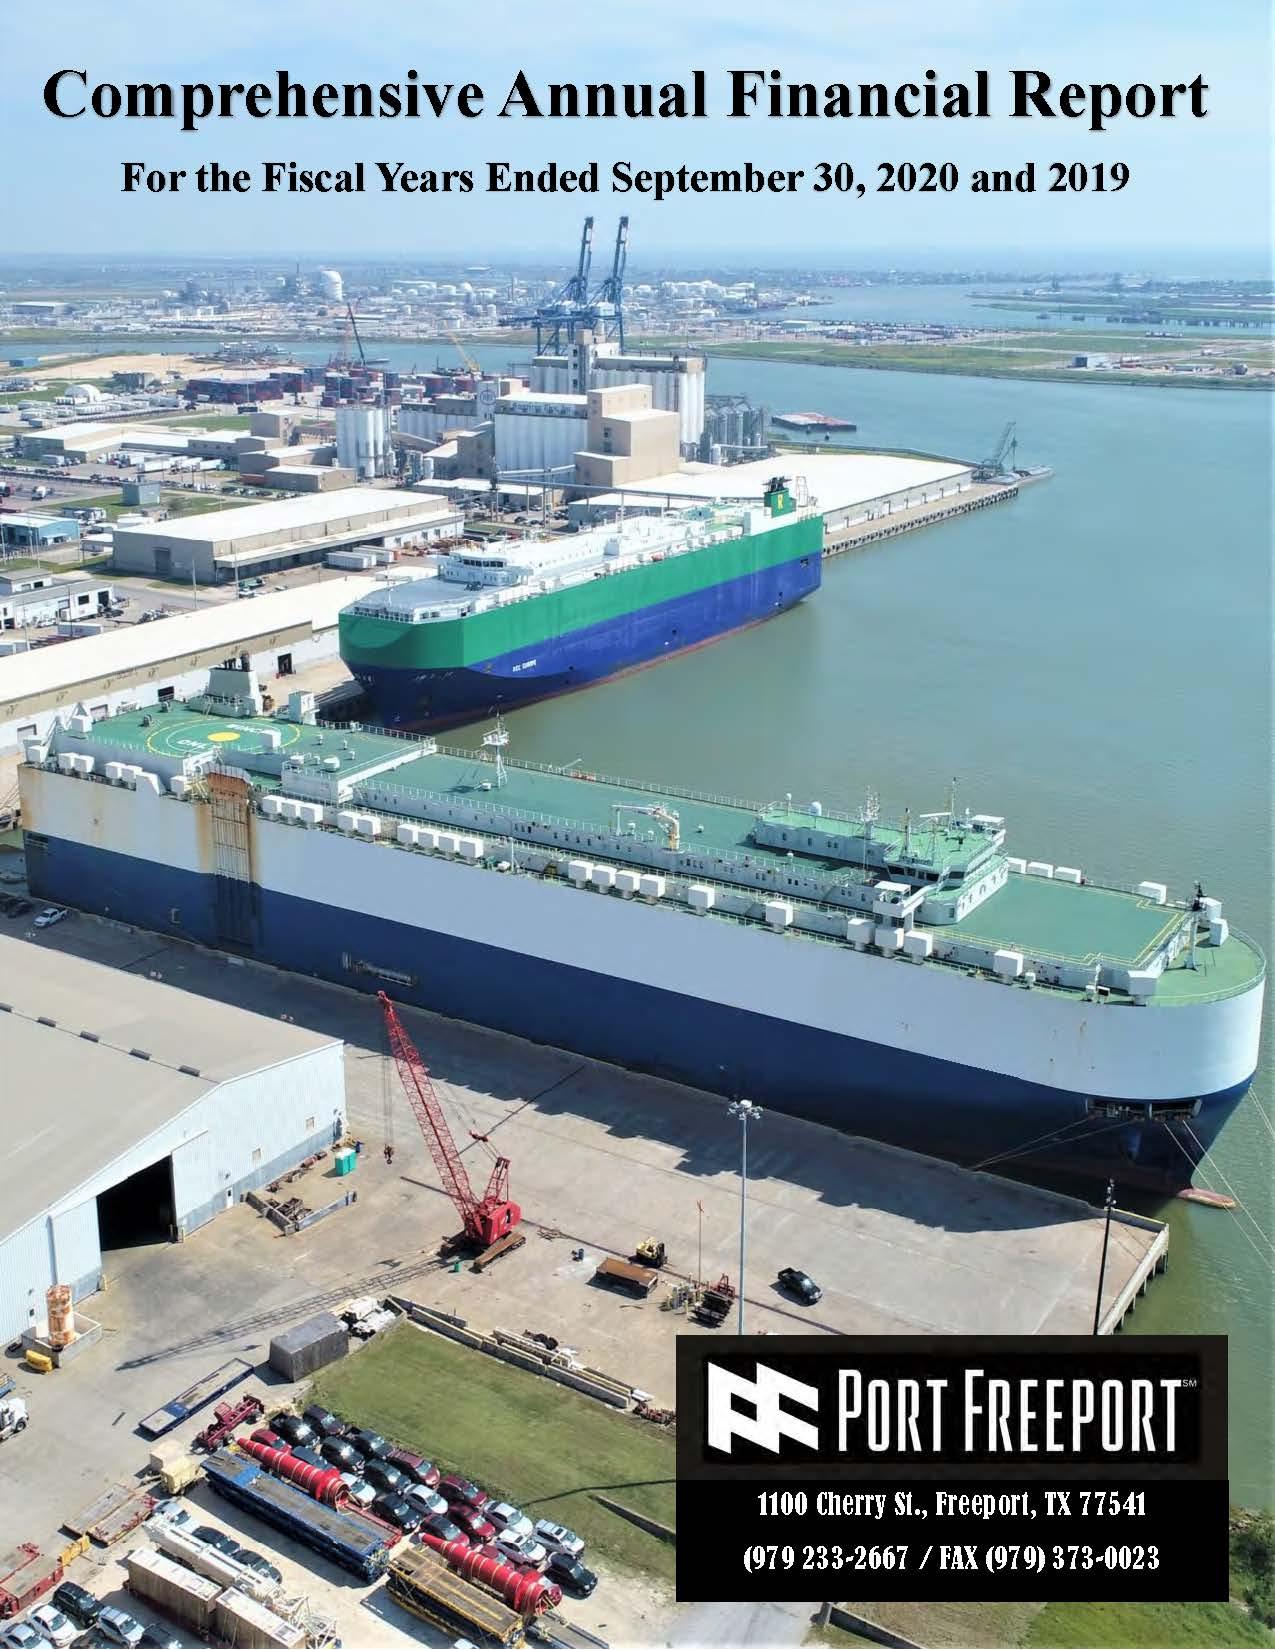 Port Freeport CAFR 9-30-20 image_Page_001